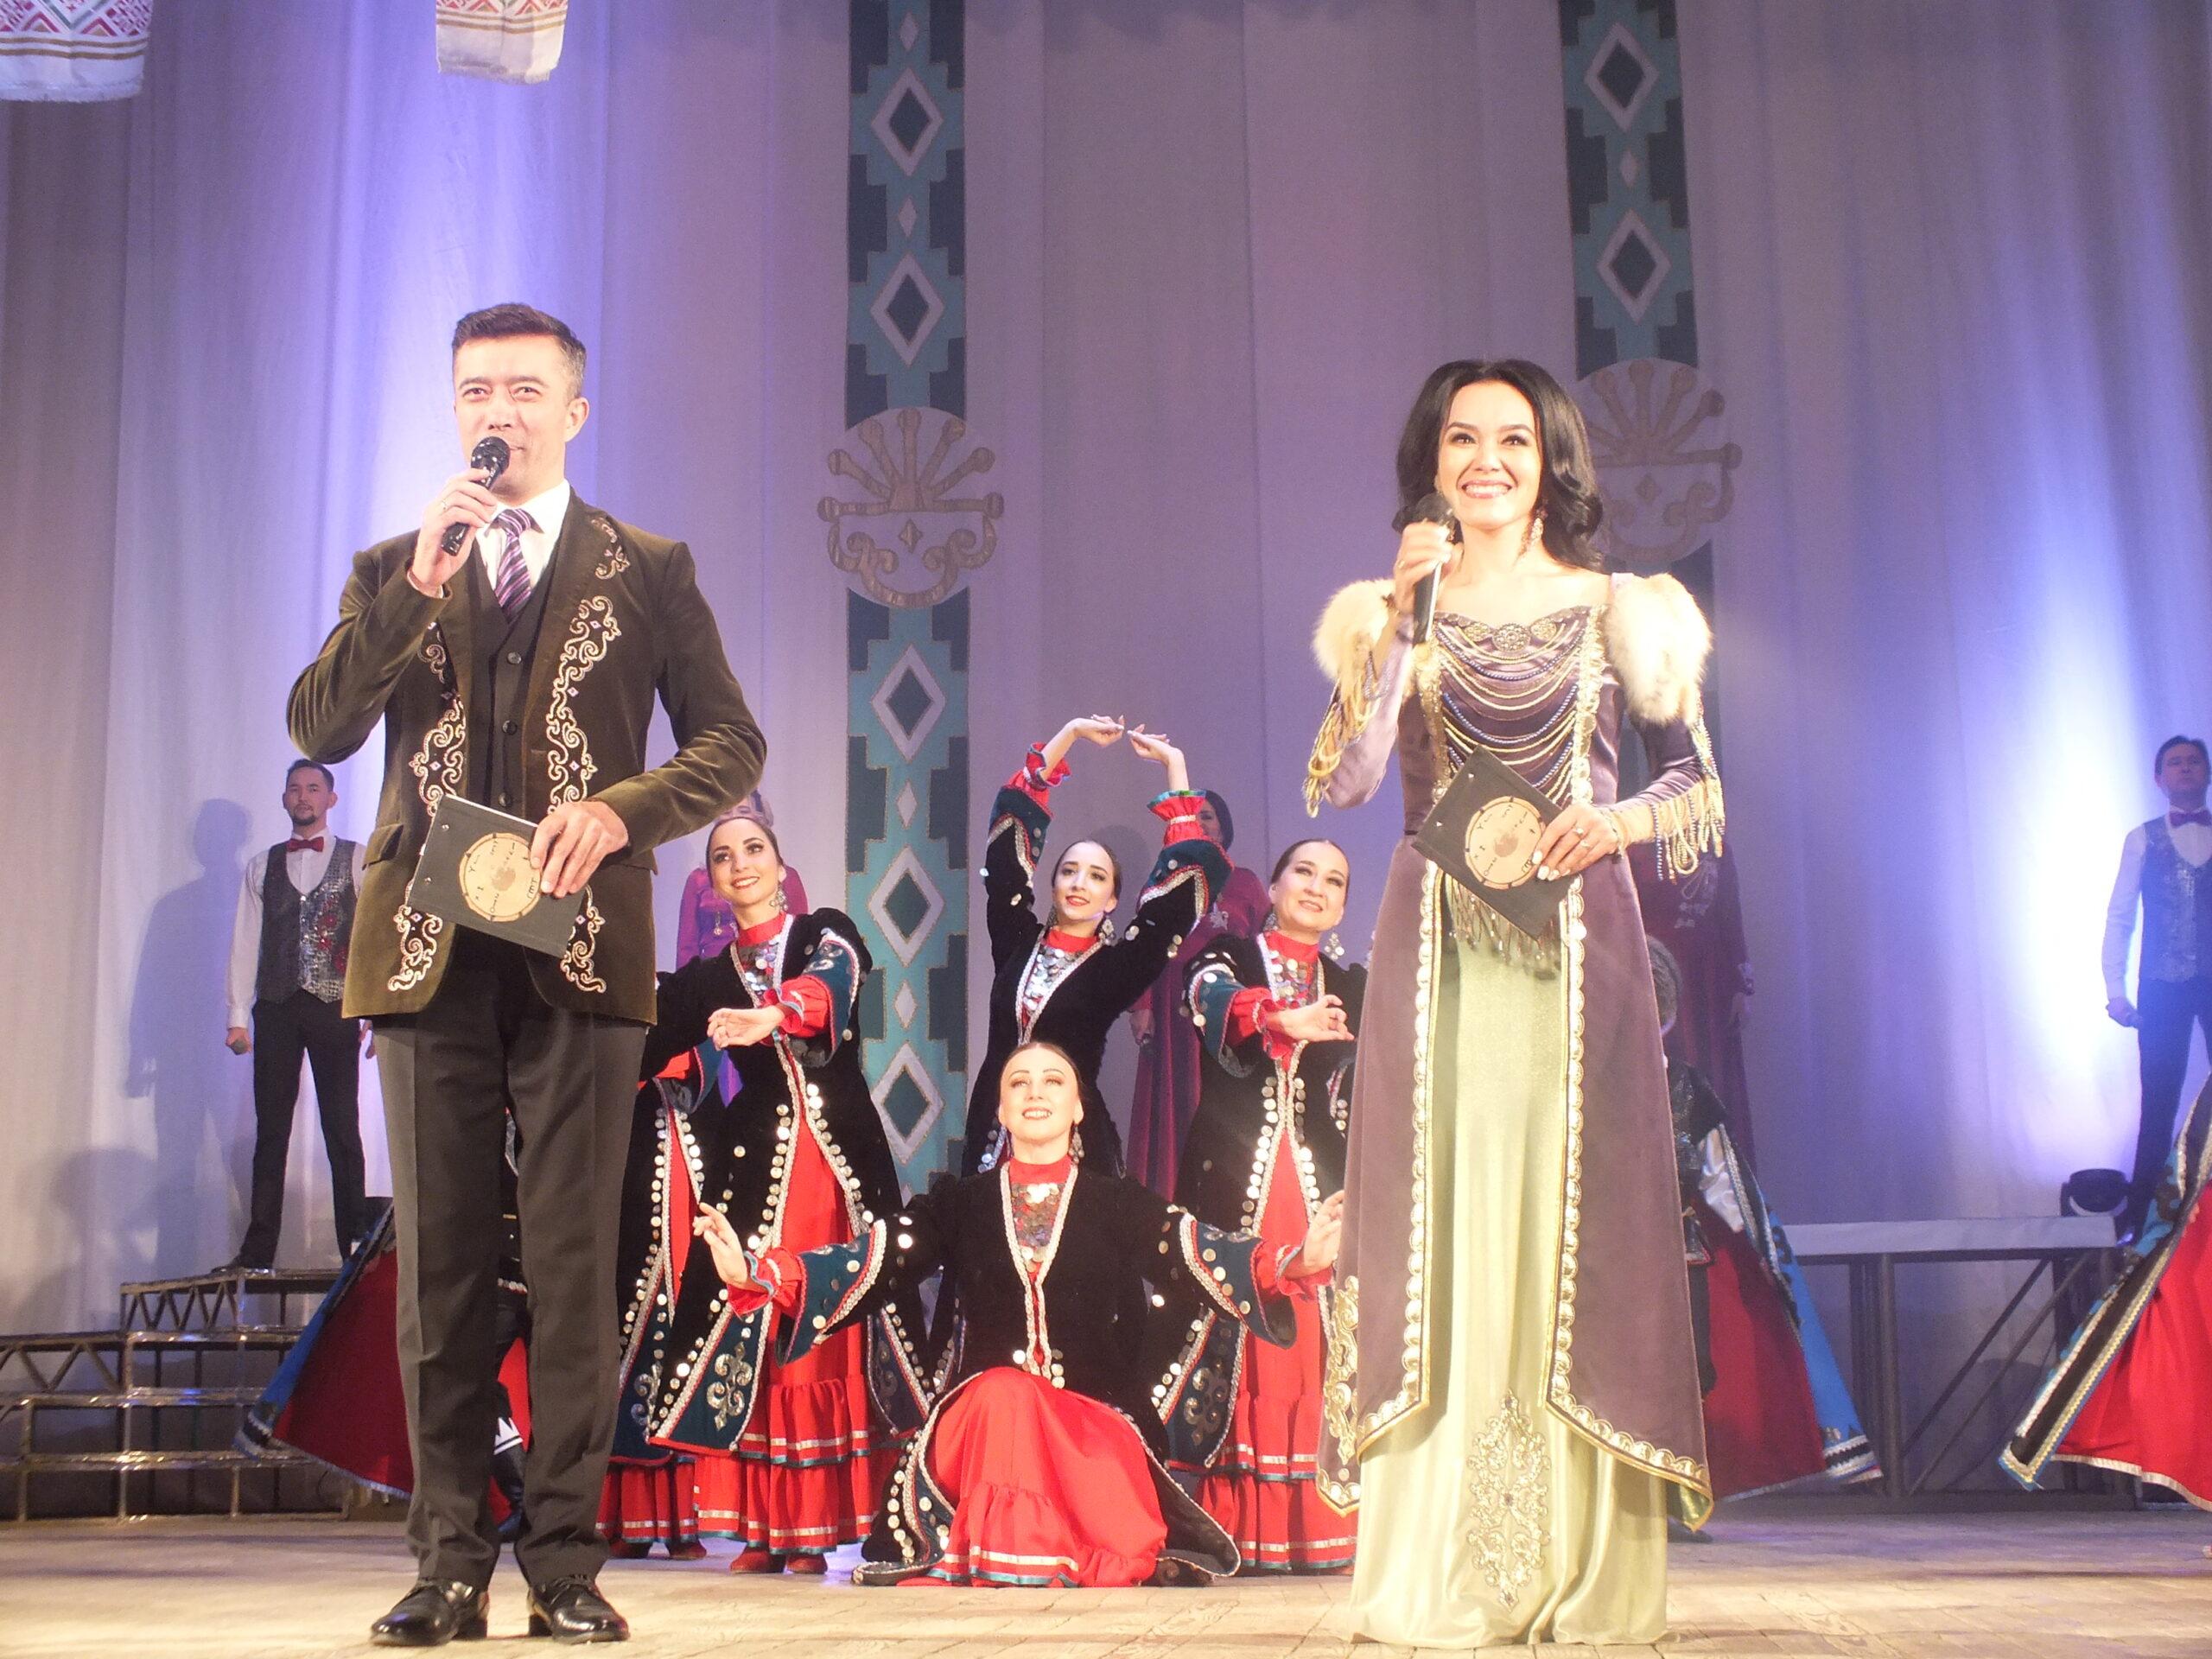 Концерт башкирской эстрадной группы «Ҡәрҙәштәр»,посвященный Дню башкирского языка.